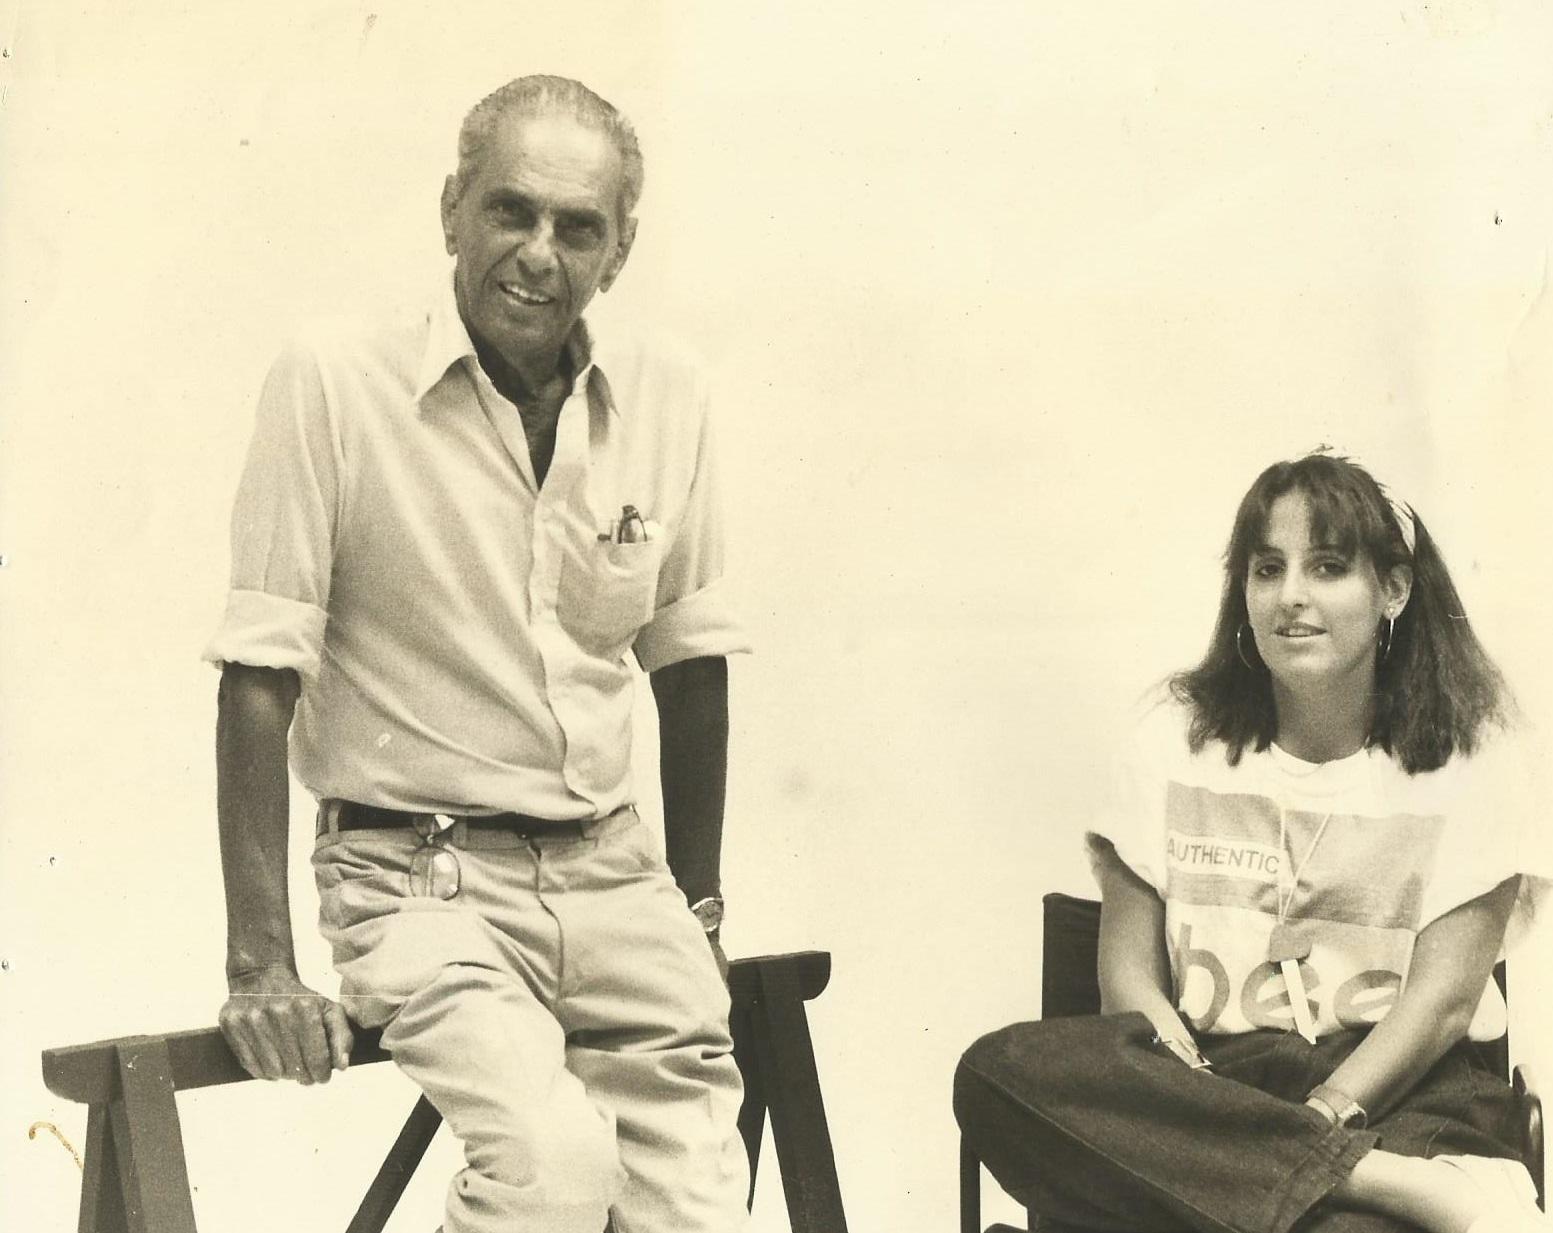 O ícone João Saldanha e Mariucha: jjovem repórter recebeu elogio do veterano (Foto arquivo pessoal)